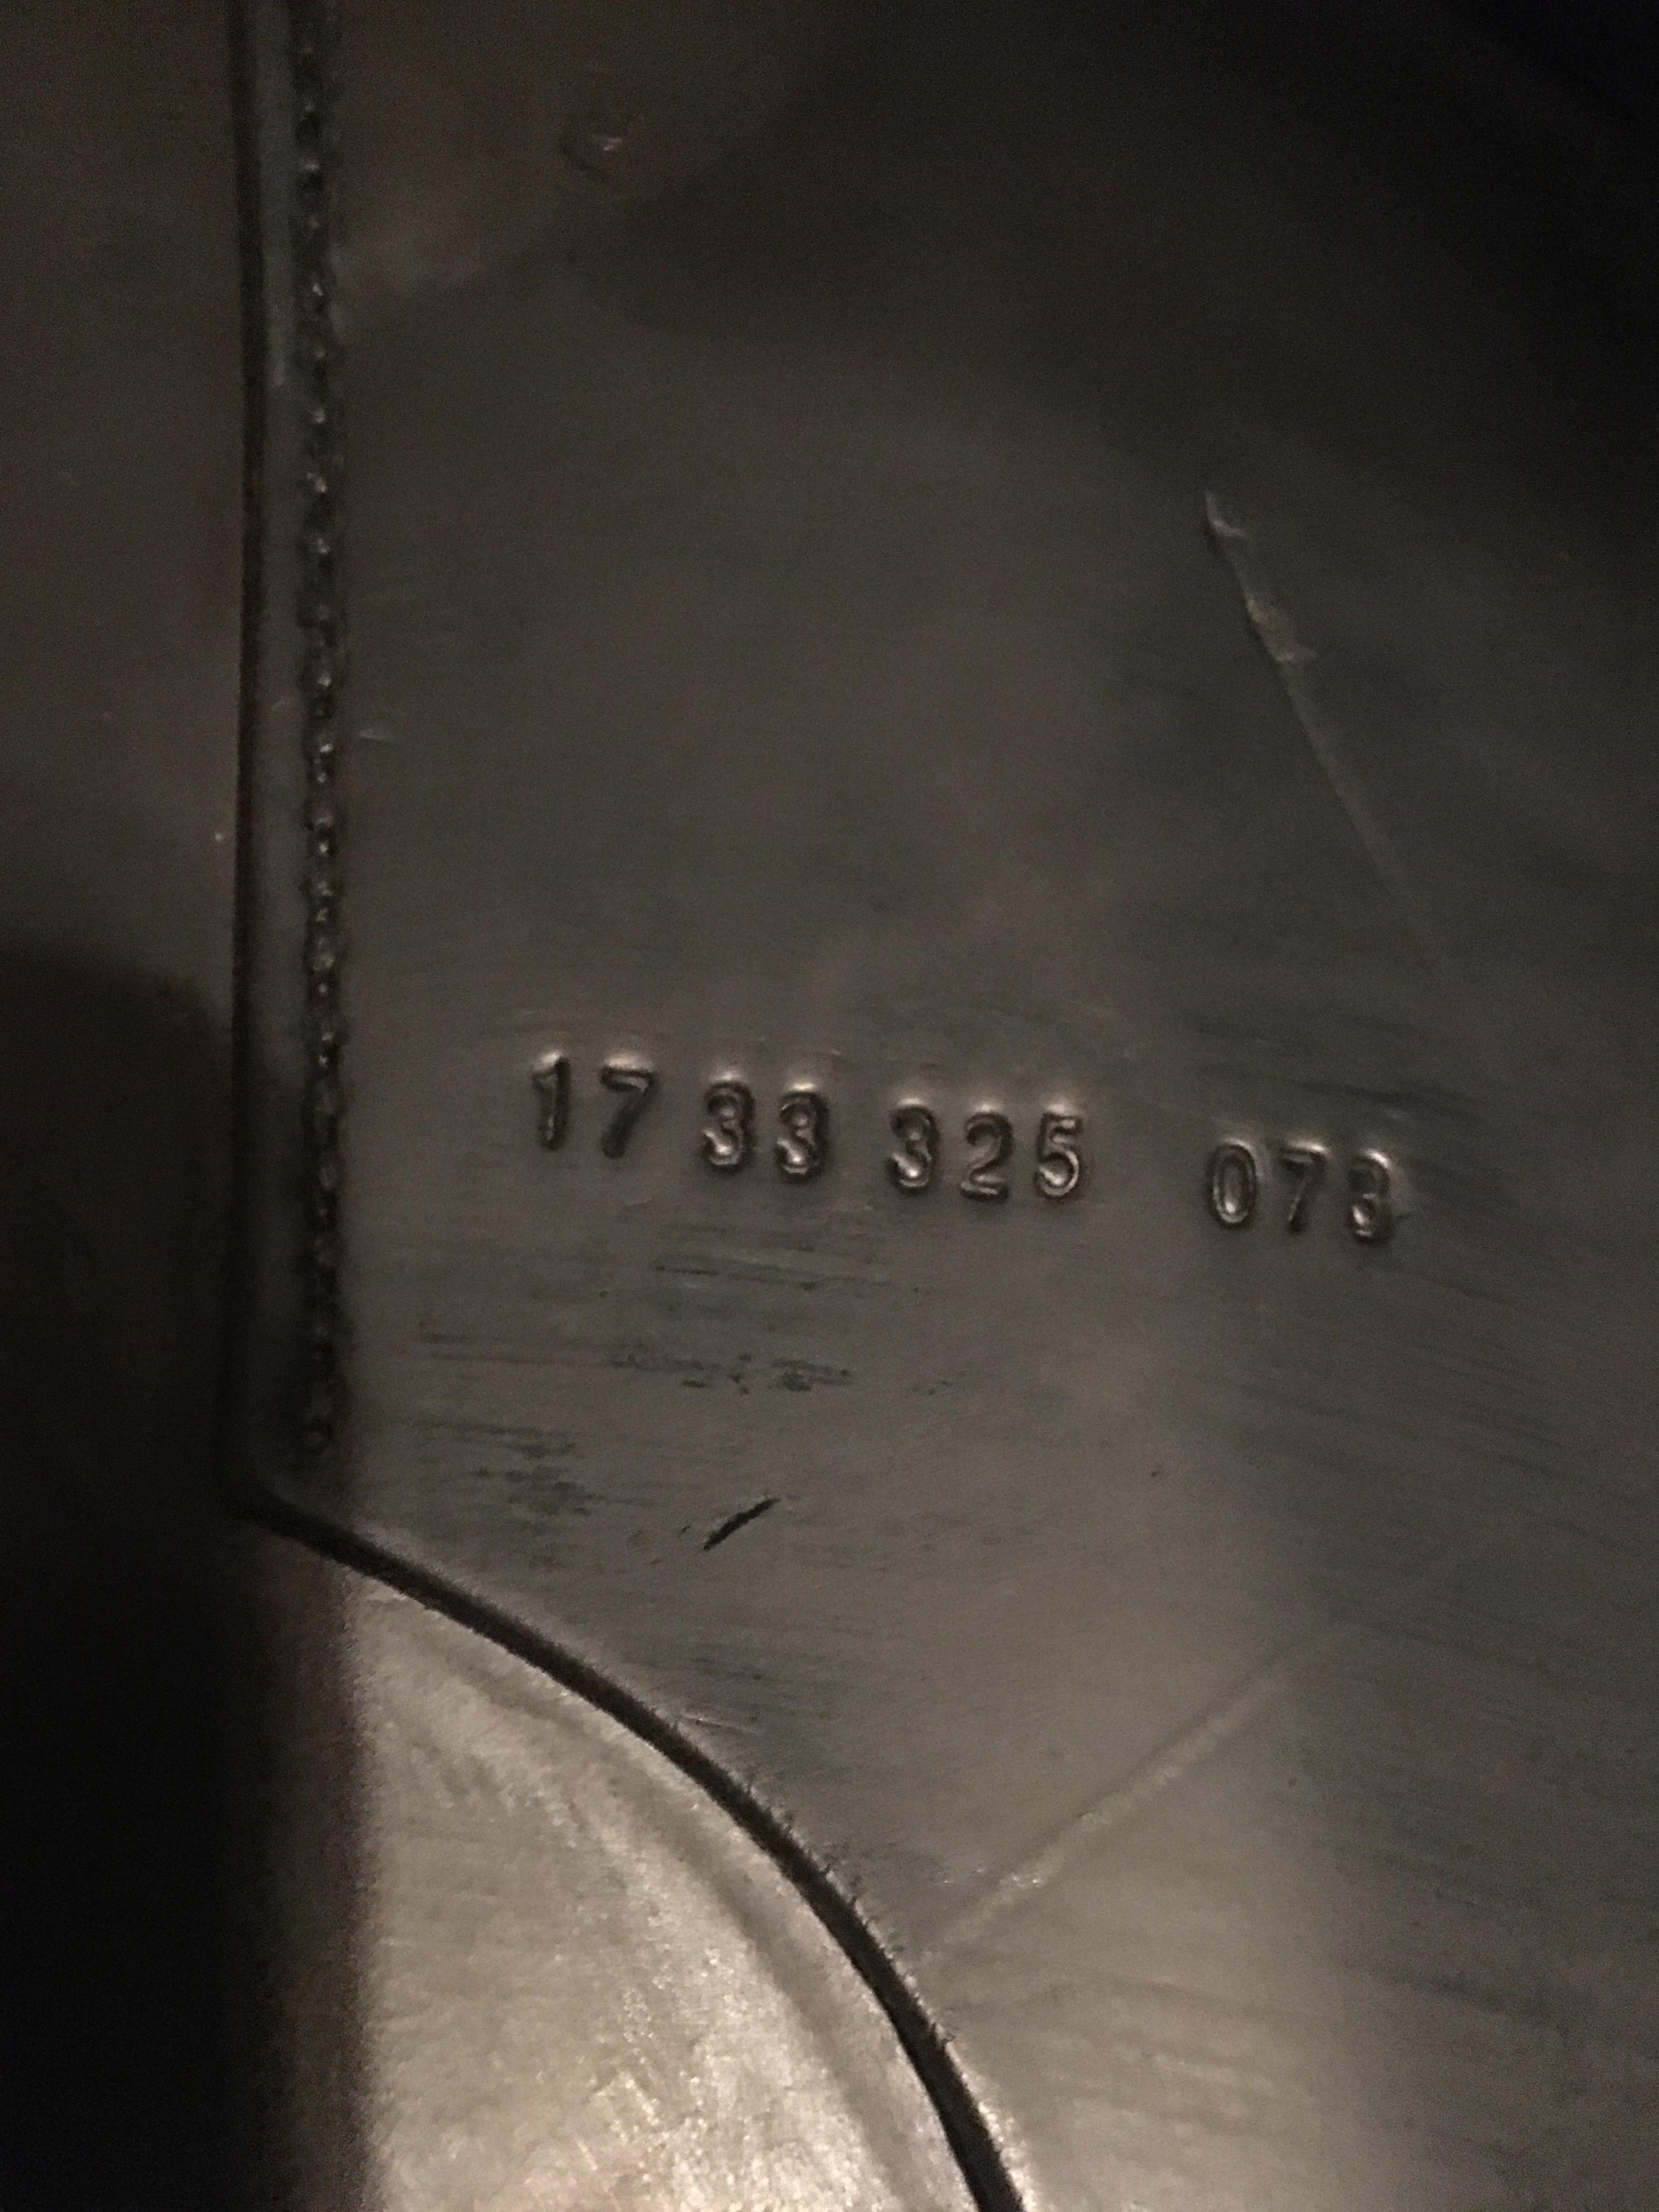 0661549F-6E68-4EC7-82F5-D57810D51BAE.jpeg